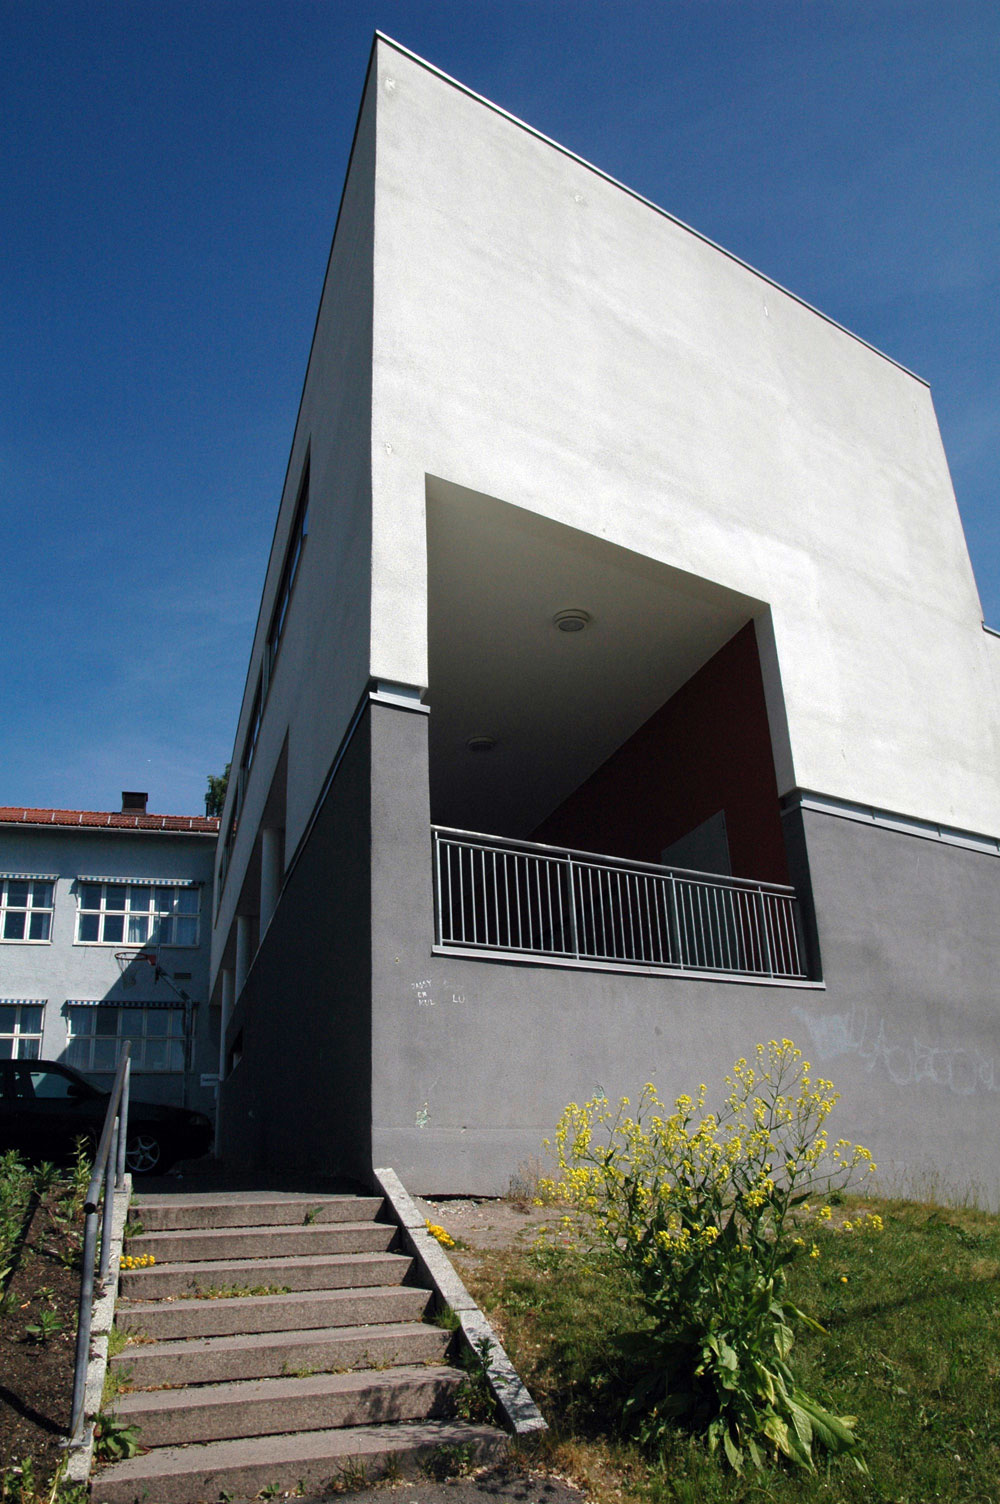 Holtet videregående skole, utført av Arkitektfirmaet C.F. Møller